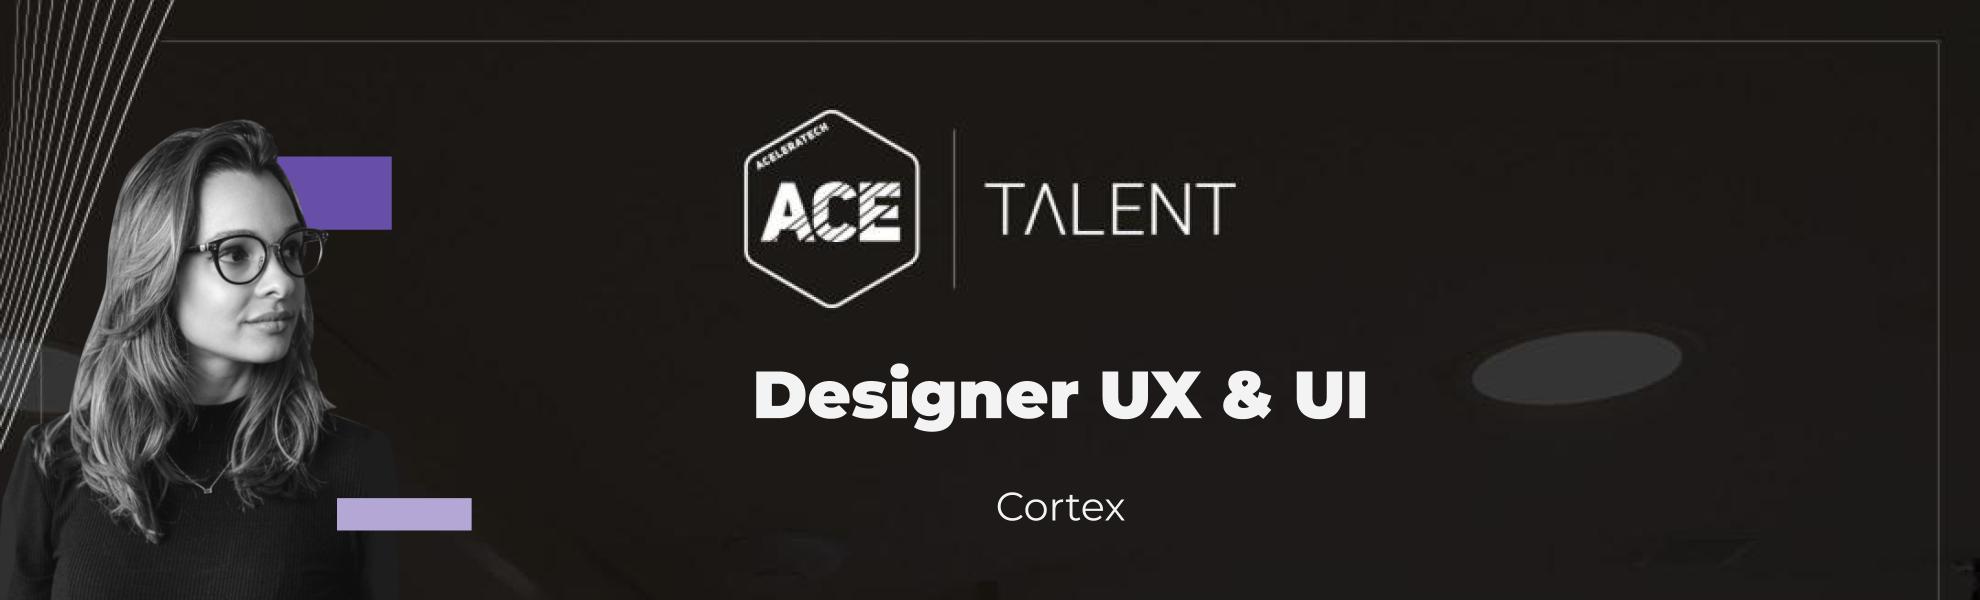 Designer UX & UI